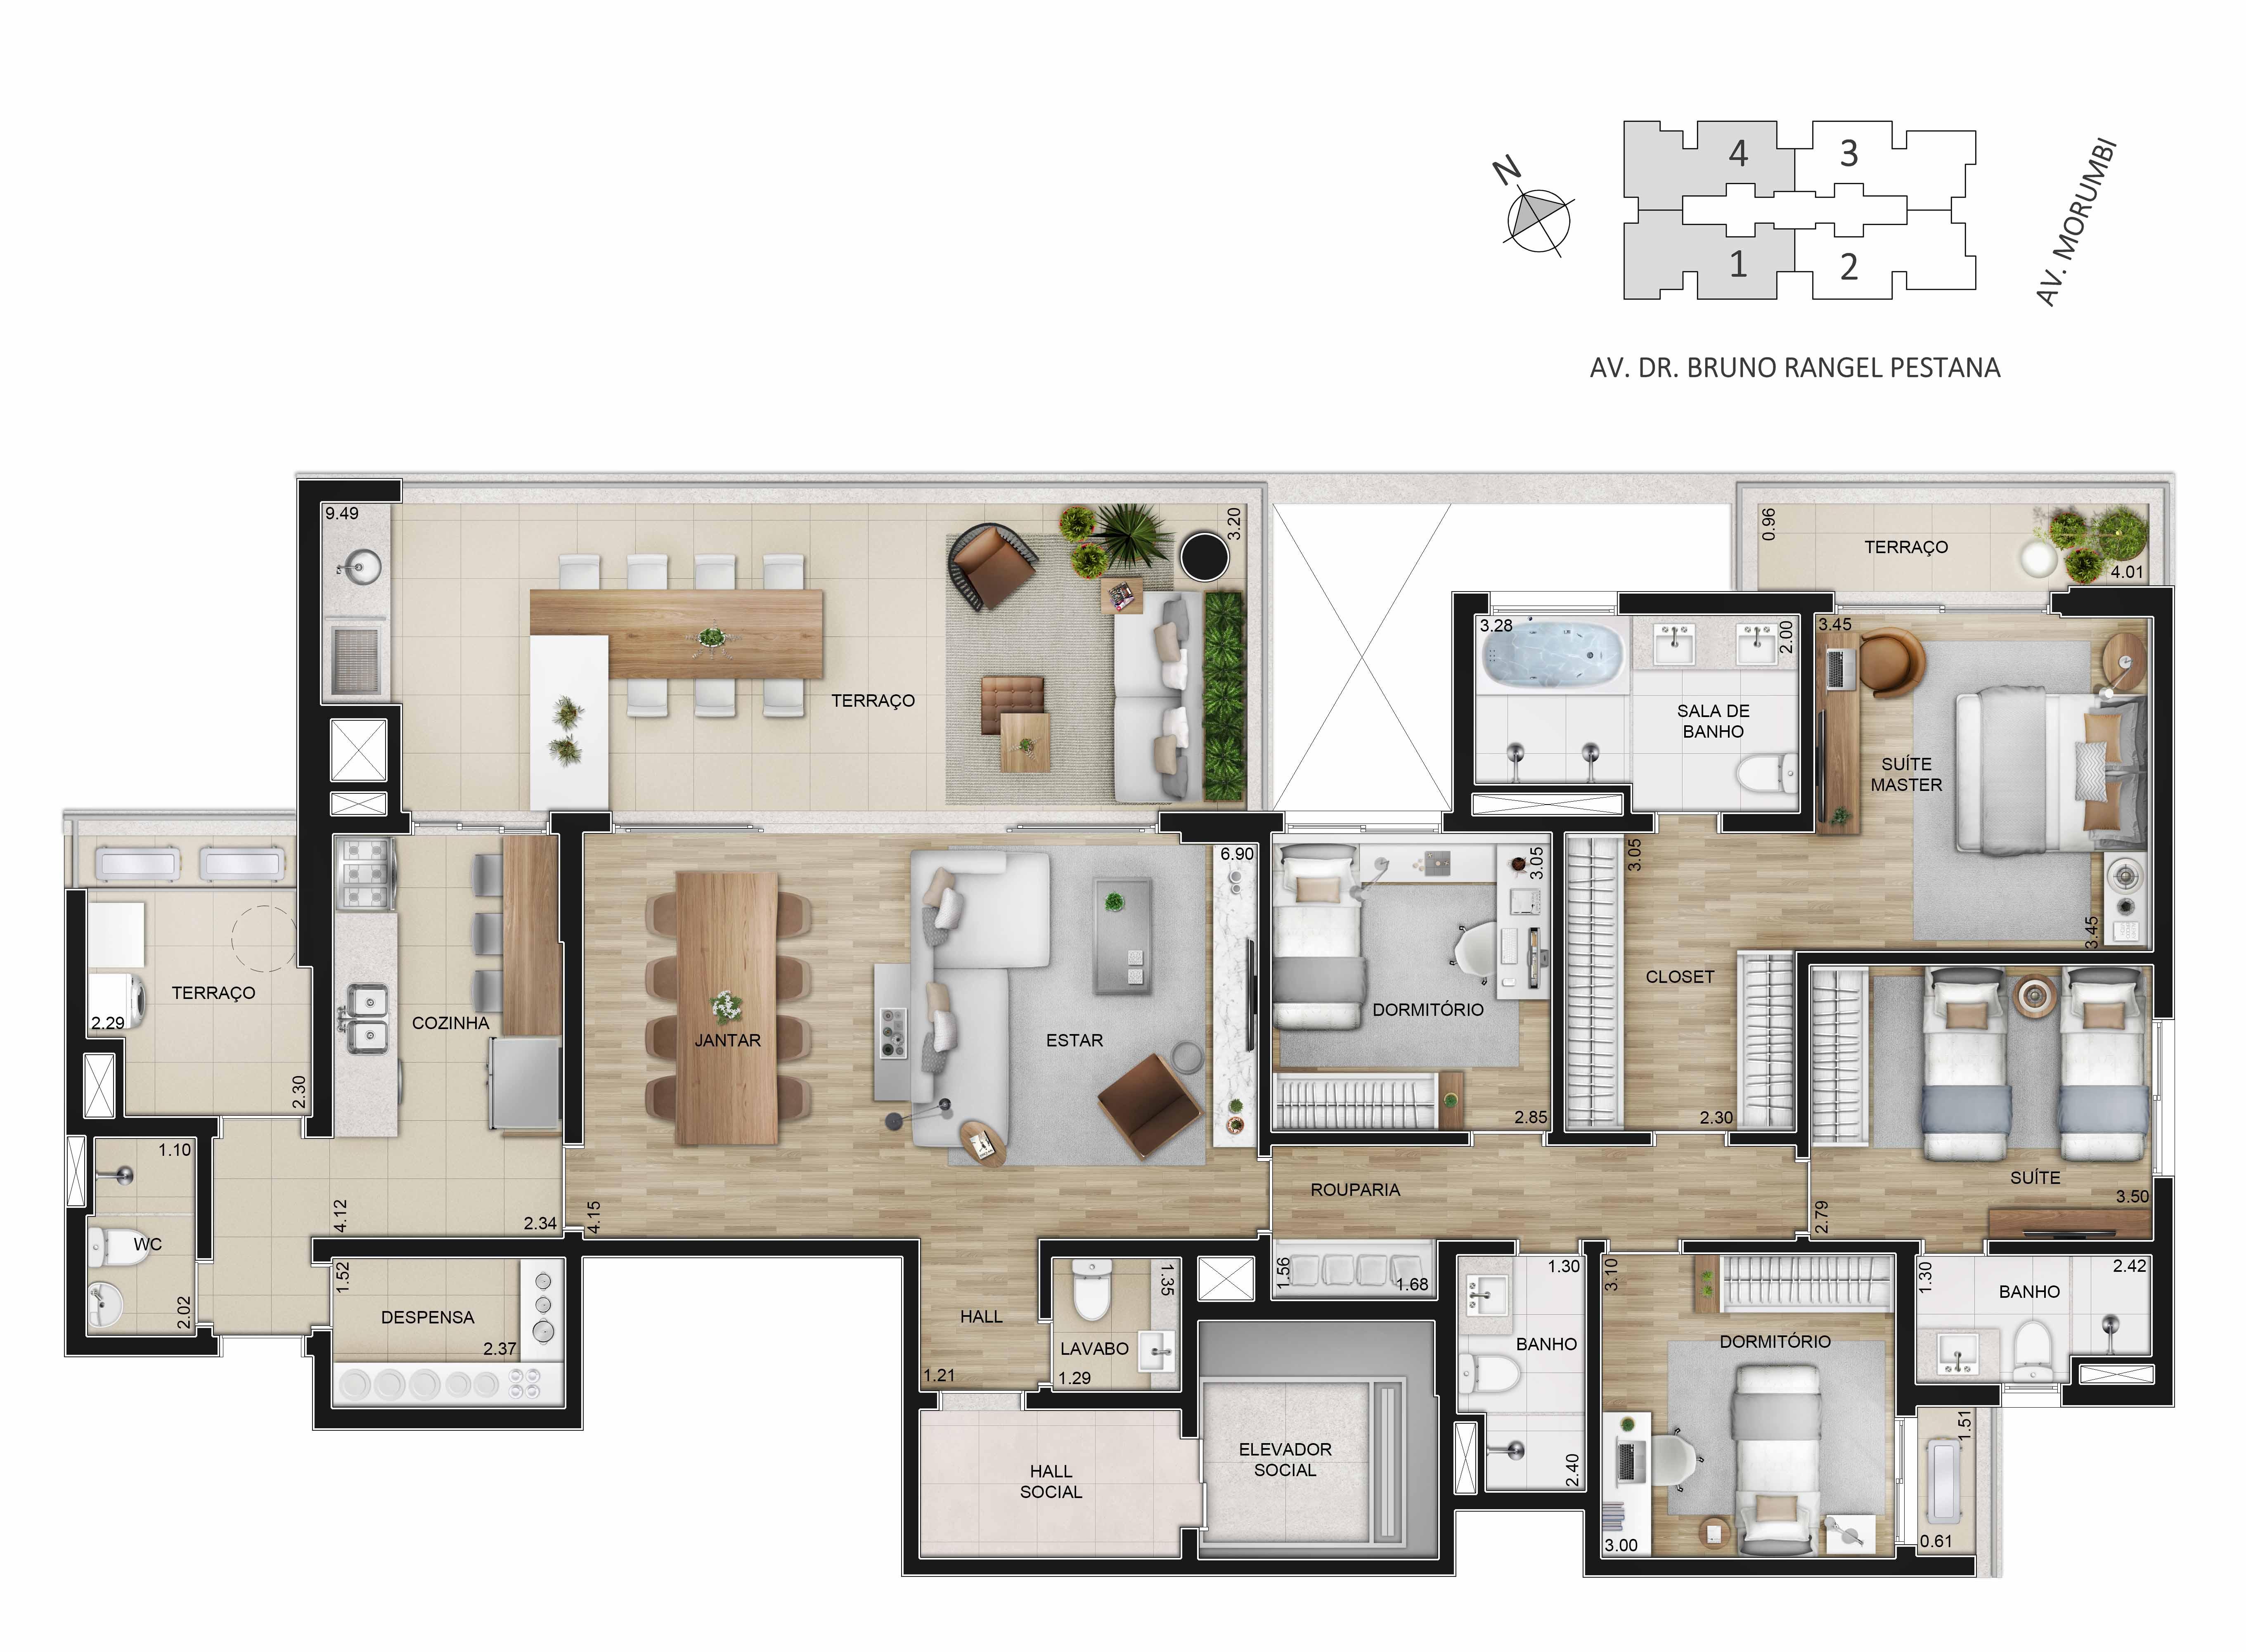 Apartamentos de 195m² padrão - 4 dorms. (2 suítes).